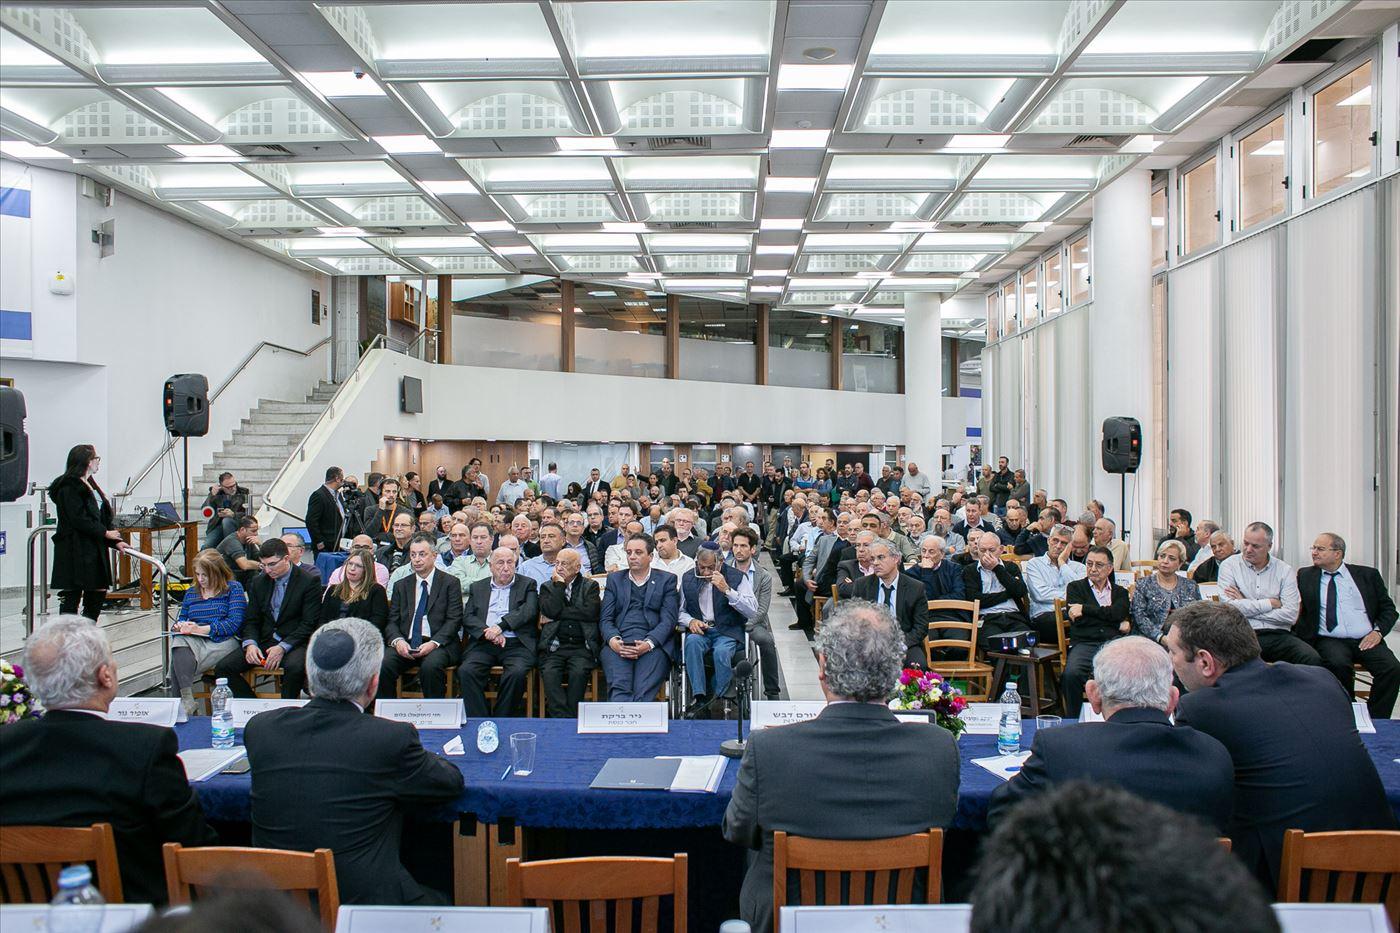 גלרייה - האסיפה הכללית ה-70 תמונה 221 מתוך 239